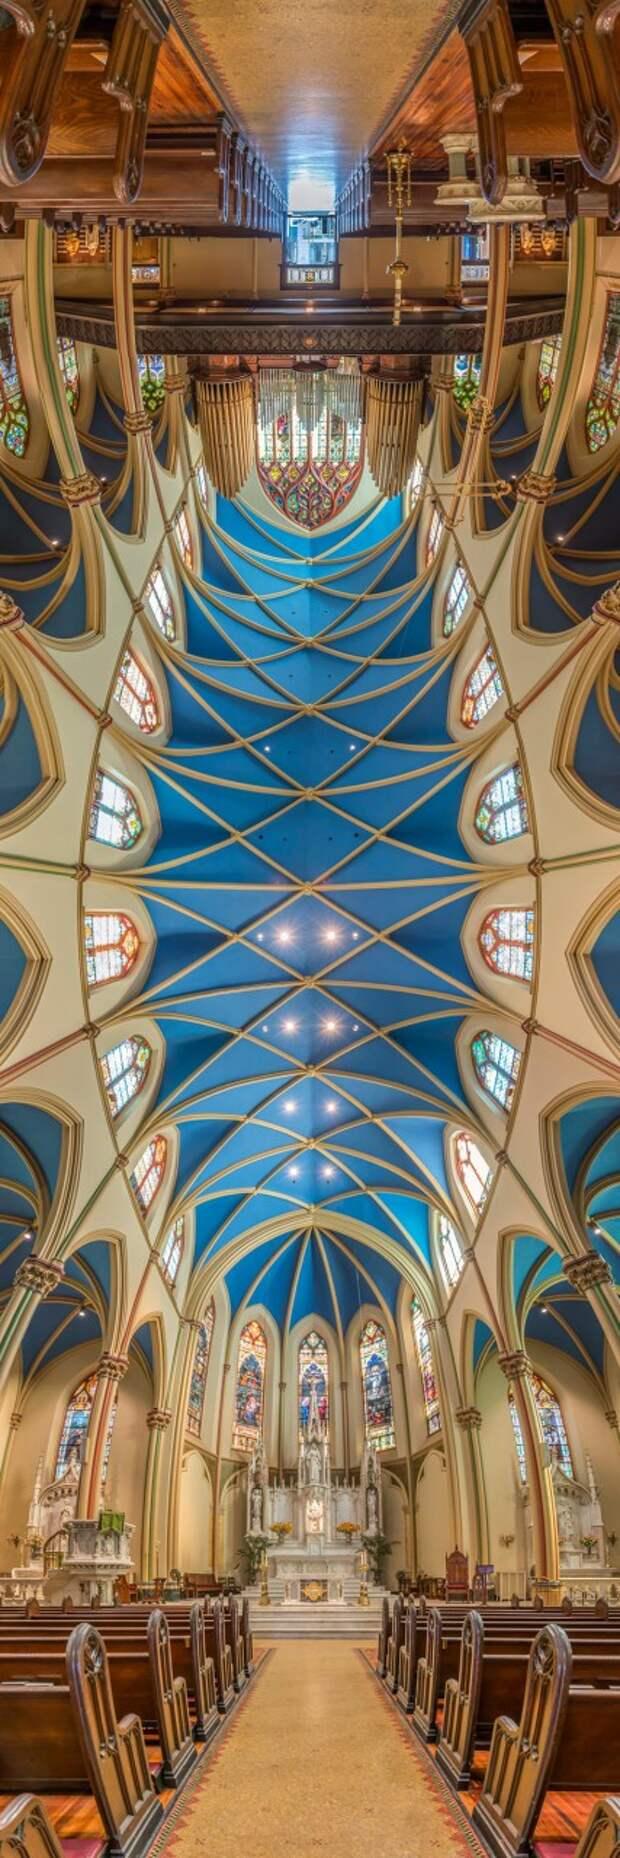 Панорамные фото в нью-йоркских церквях Richard Silver